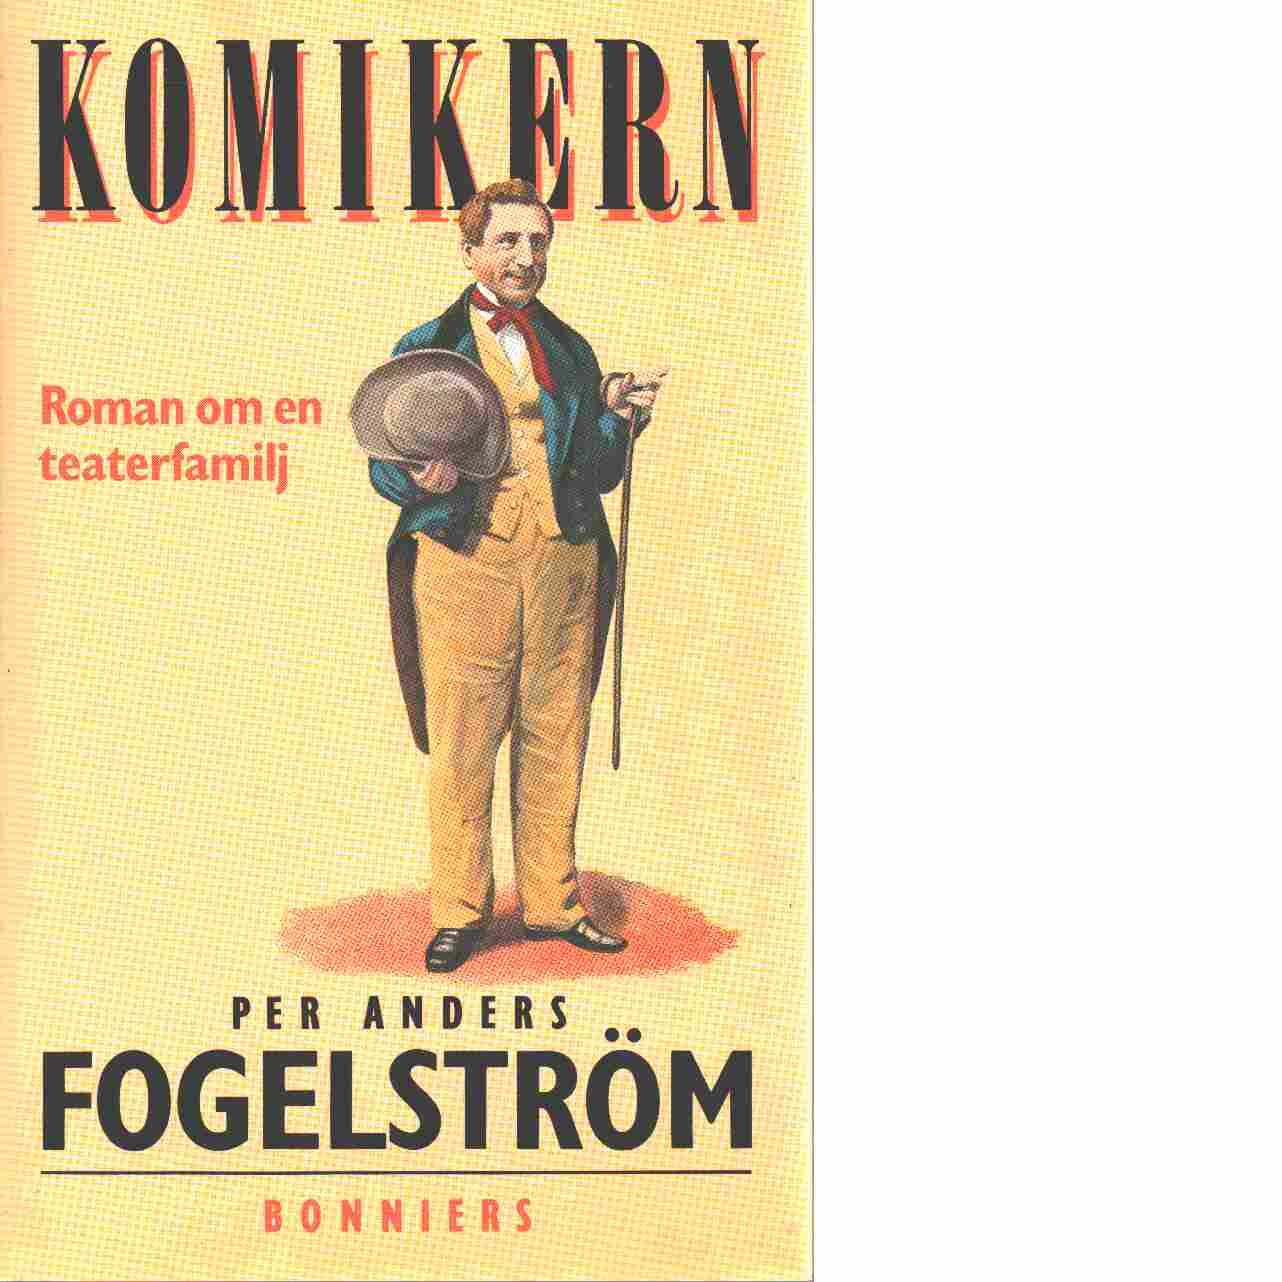 Komikern : roman om en teaterfamilj - Fogelström, Per Anders